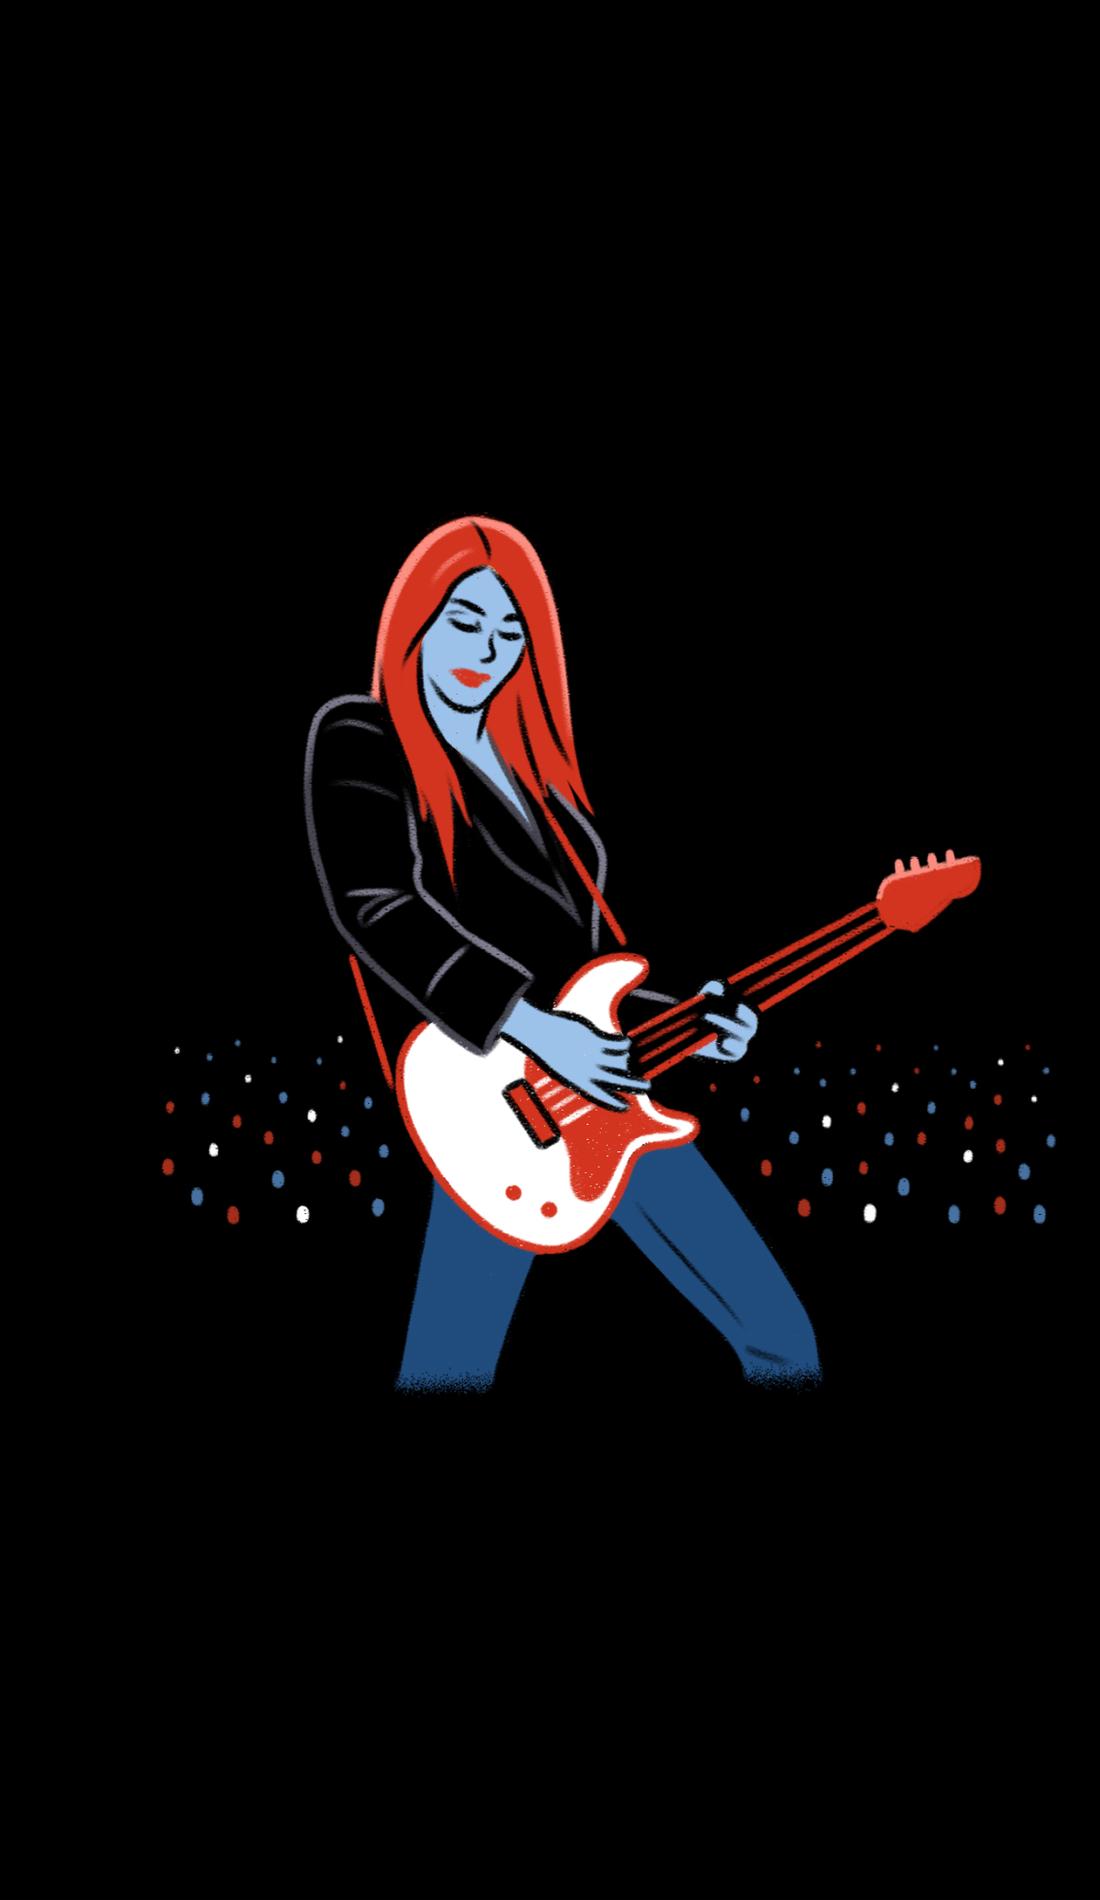 A Emo Night live event